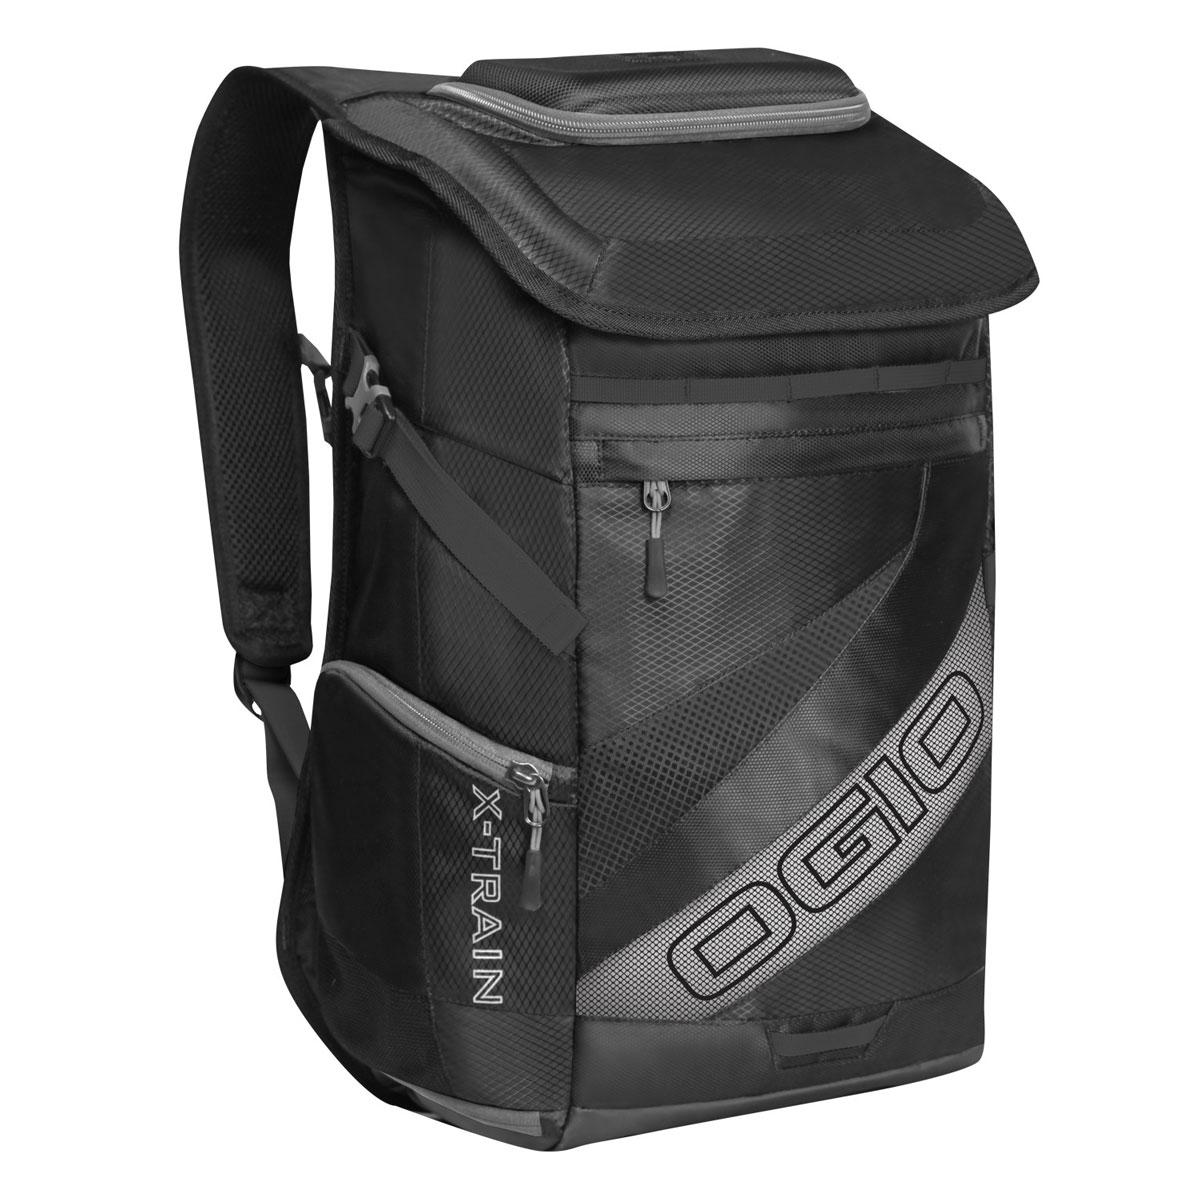 Рюкзак спортивный OGIO X-Train, цвет: черный, серый. 112039.030УТ-000056292Спортивный рюкзак OGIO X-Train - это отличный помощник в вашей жизни. Он отлично подойдет для занятия спортом, фитнессом, туризмом, и для повседневной носки. Особенности: Удароустойчивый армированный карман.Отстегиваемая внешняя лямка для крепления шлема.Боковые ремешки для крепления полотенец или ковриков.Специальный отдел для хранения сухой/мокрой одежды или обуви в режиме тренировки или для iPad в режиме обучения.Высокопрочные и легкие материалы.Перегородка отделяет основное отделение от отделения для мокрой/сухой одежды или обуви.Особое покрытие отделения для мокрой/сухой одежды или обуви облегчает чистку.Эргономичные, регулируемые плечевые лямки, подбитые мягким материалом.Устойчивая к трению брезентовая основа.Встроенный полноразмерный карман для бутылки.Регулируемый нагрудный ремень.Объем: 23 л.Материал: Кросс-добби 420D, гекс-рипстоп 210D.